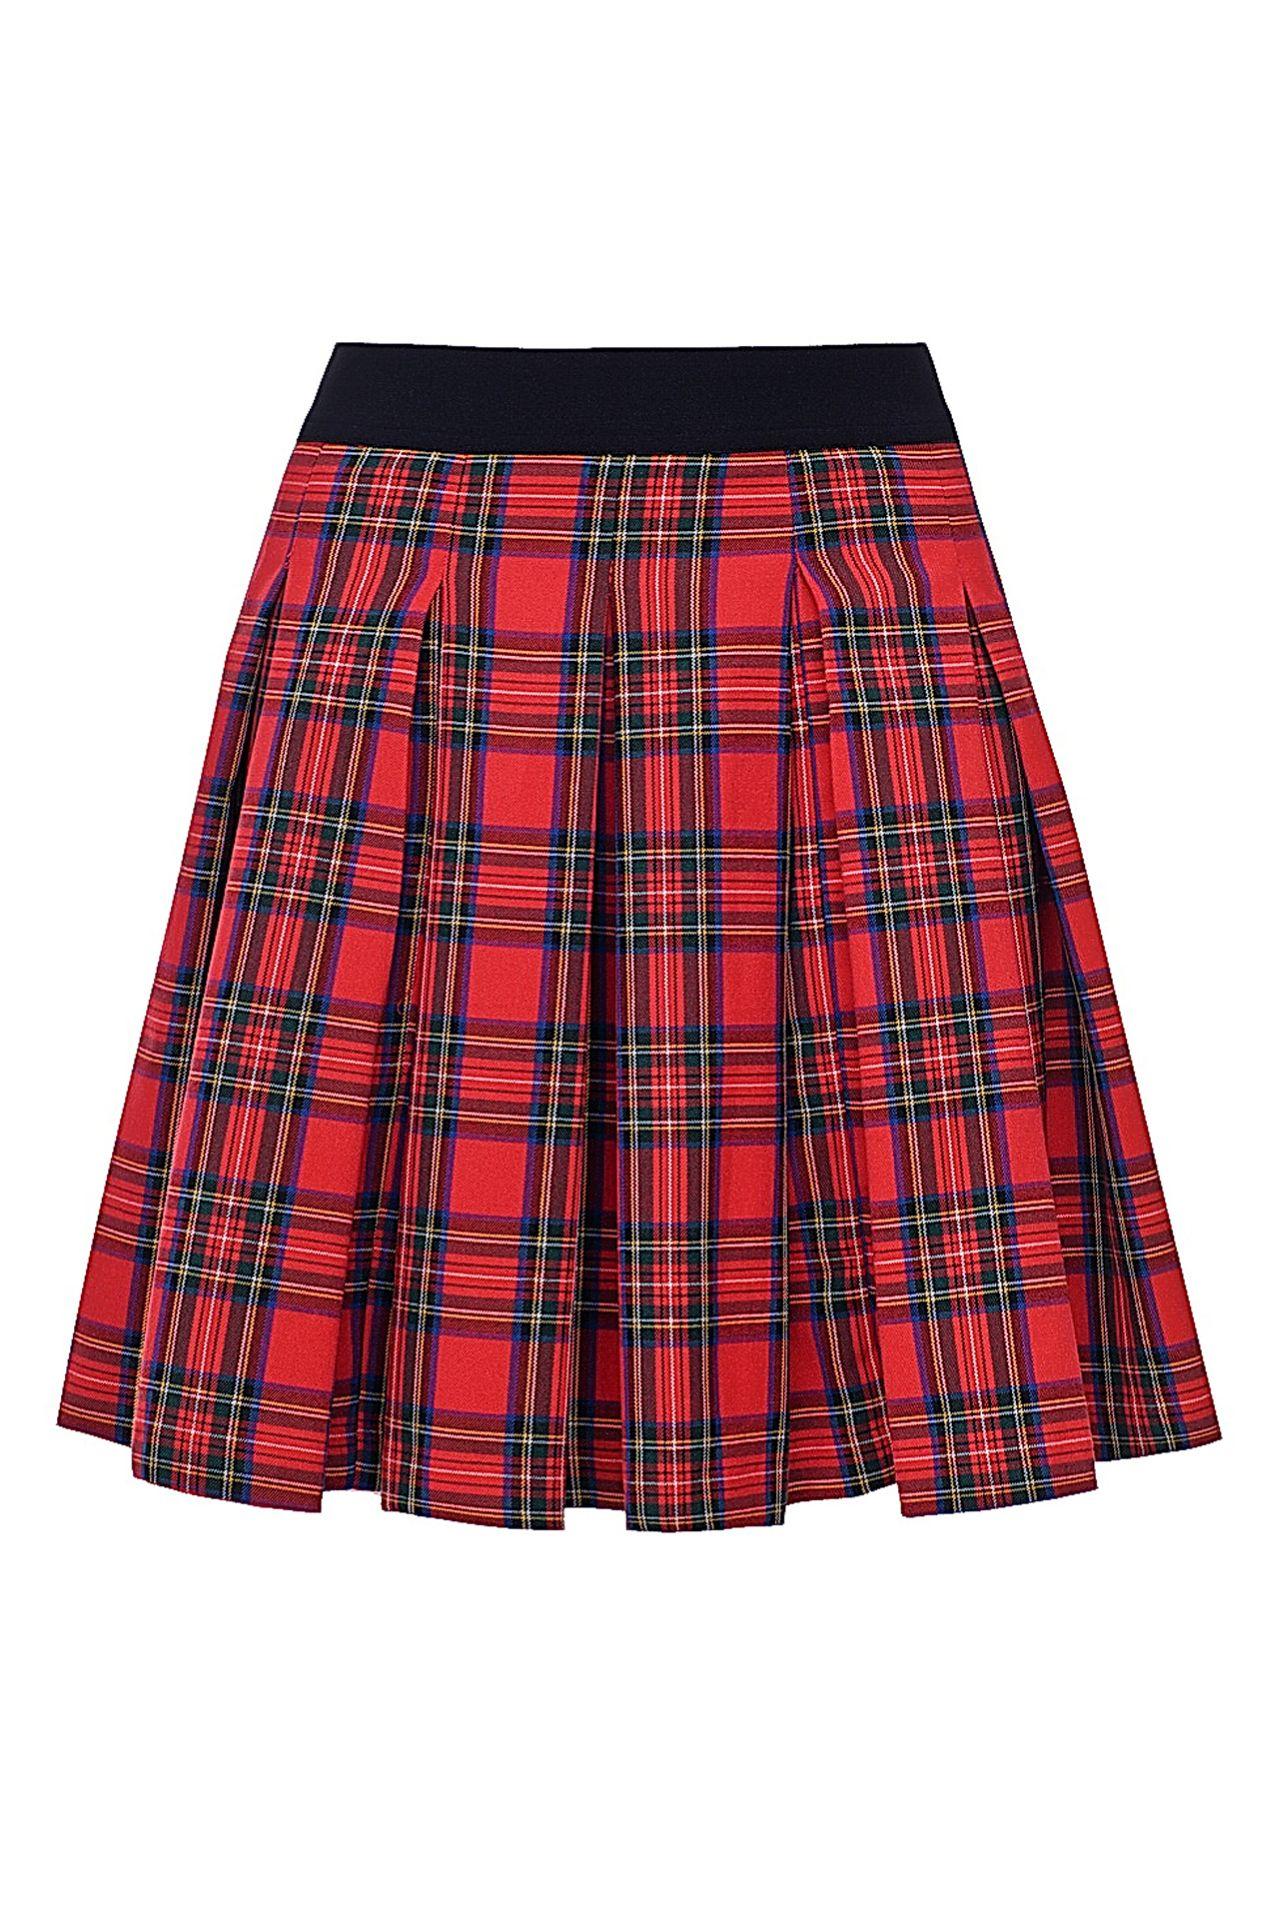 Как сшить юбку в складку своими руками, результат вас удивит 82